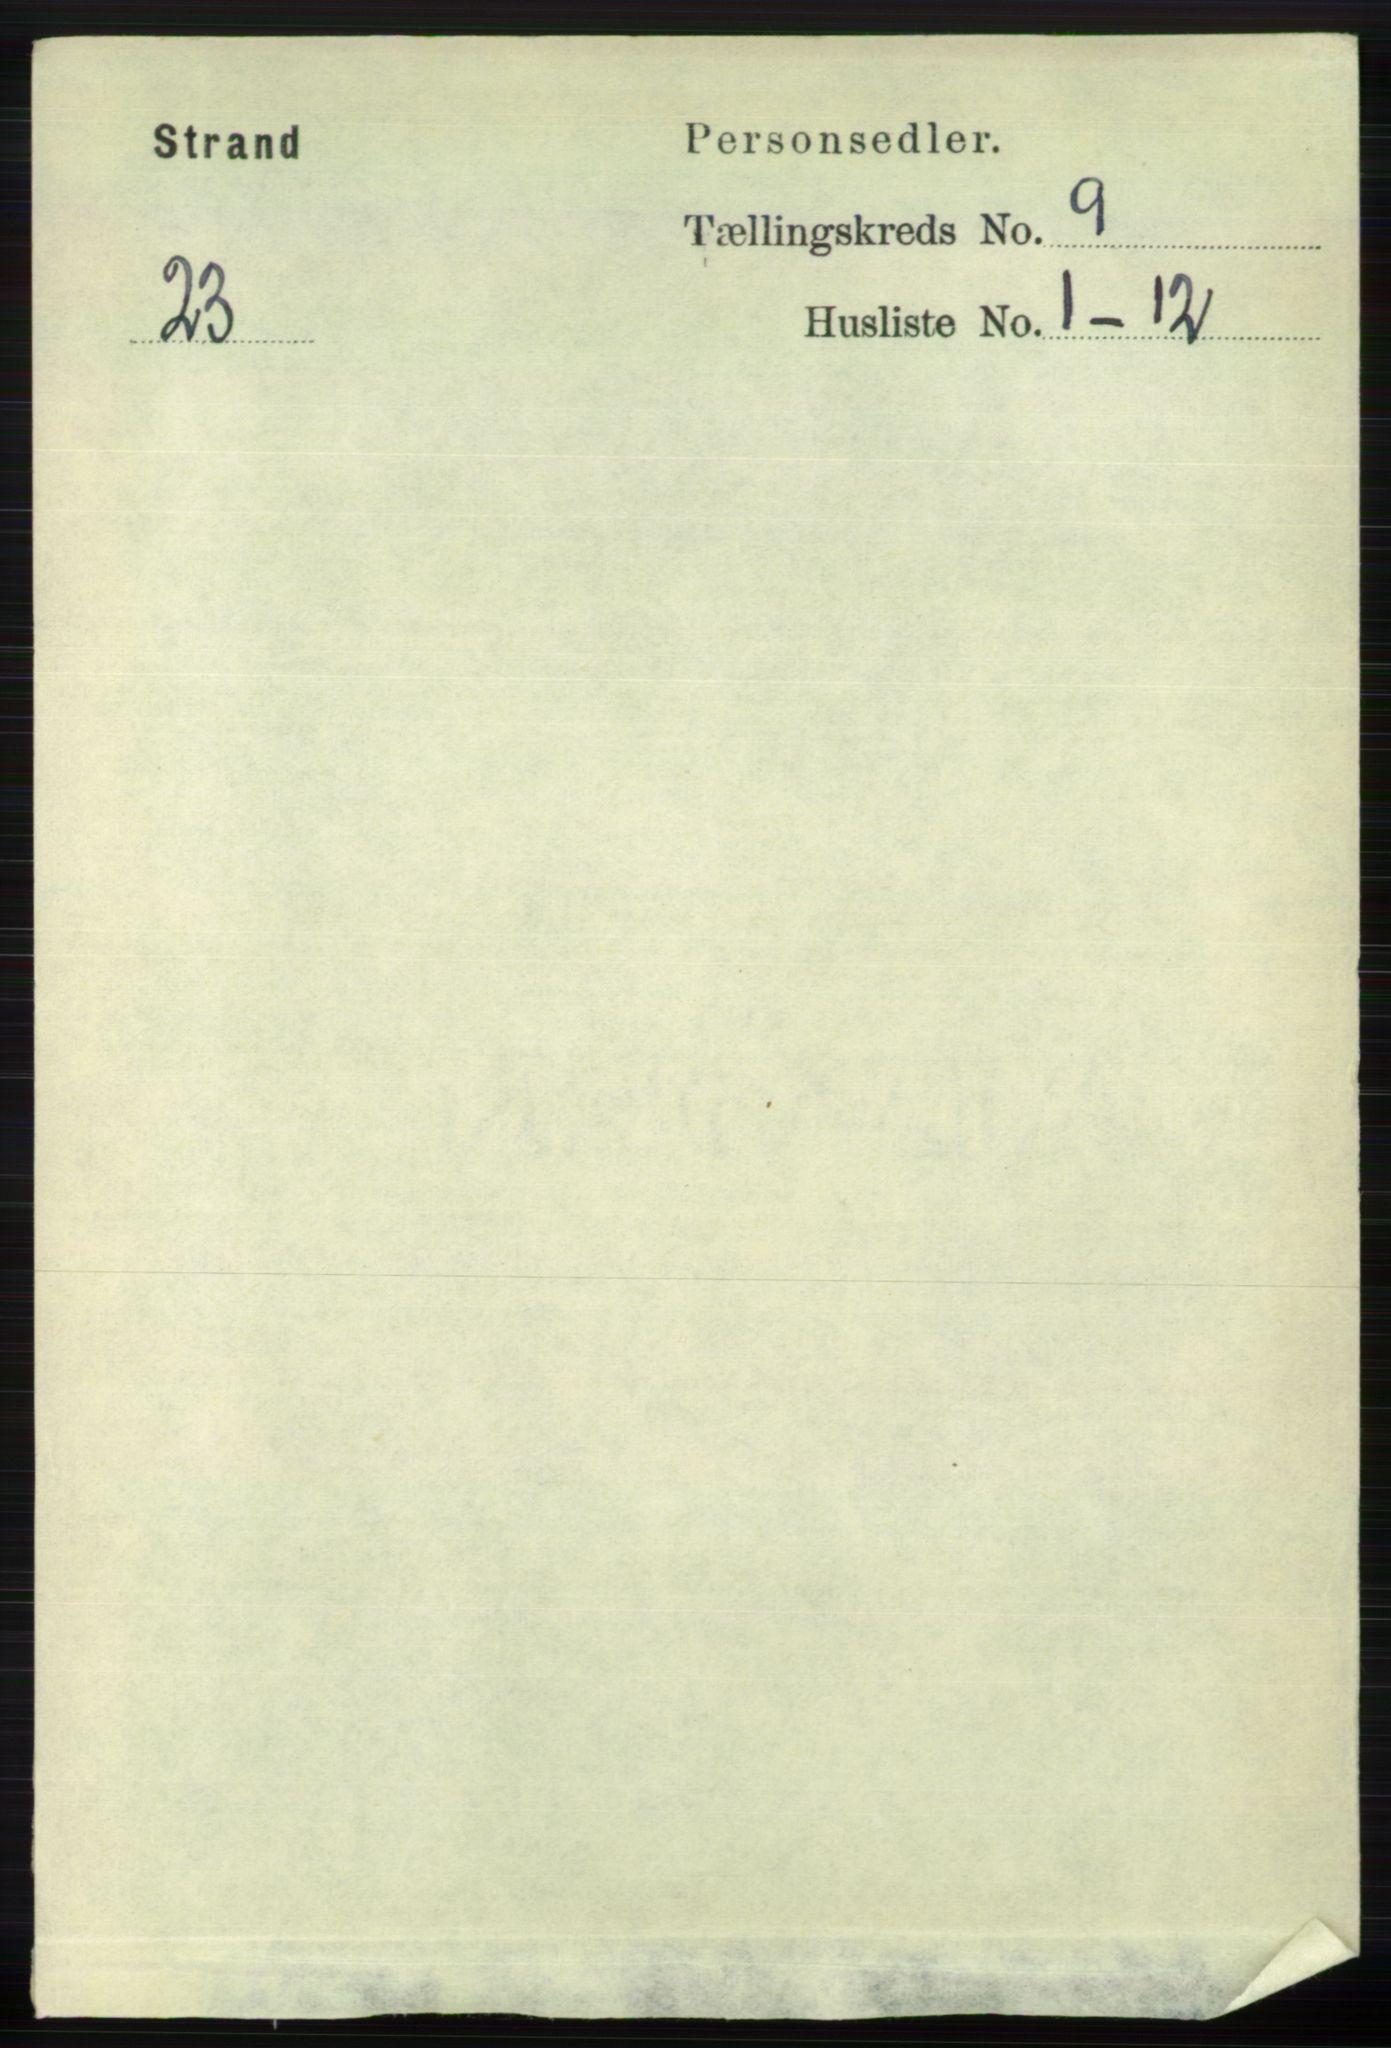 RA, Folketelling 1891 for 1130 Strand herred, 1891, s. 2624